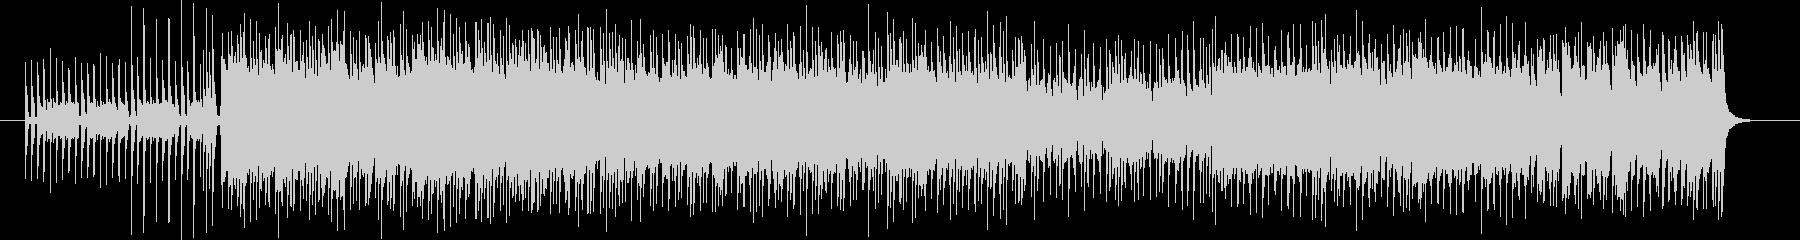 ピアノを使ったゲームのBGMの未再生の波形